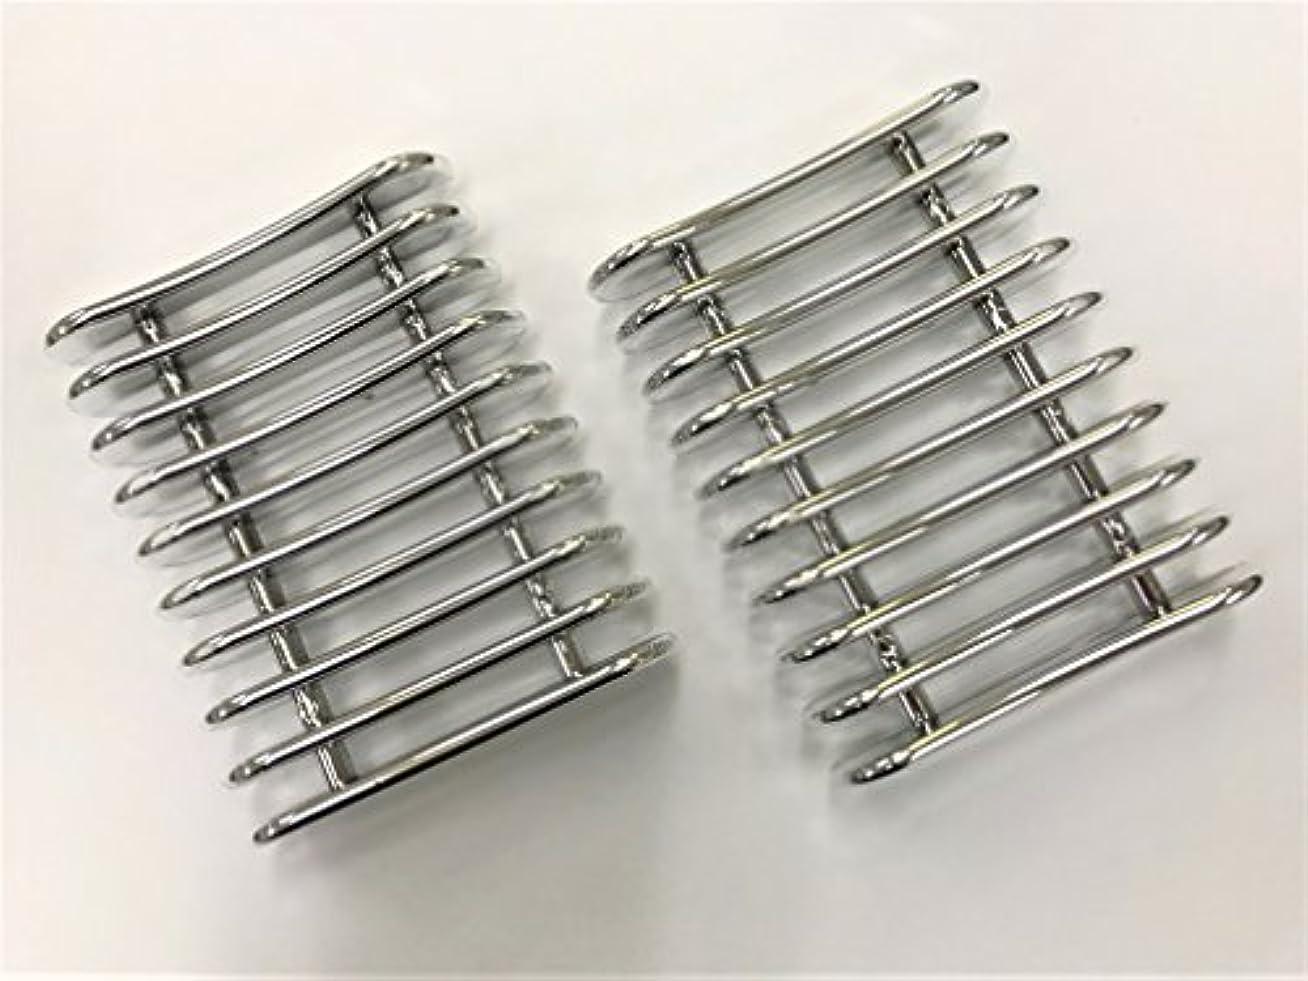 ランタン導入する損なう【アウトレット】ネイルブラシホルダー2個セット ブラシスタンド ジェルネイル筆置き ネイル用品  一部にメッキ剥がれあり(下地の白が少し見える程度で使用に問題はありません)